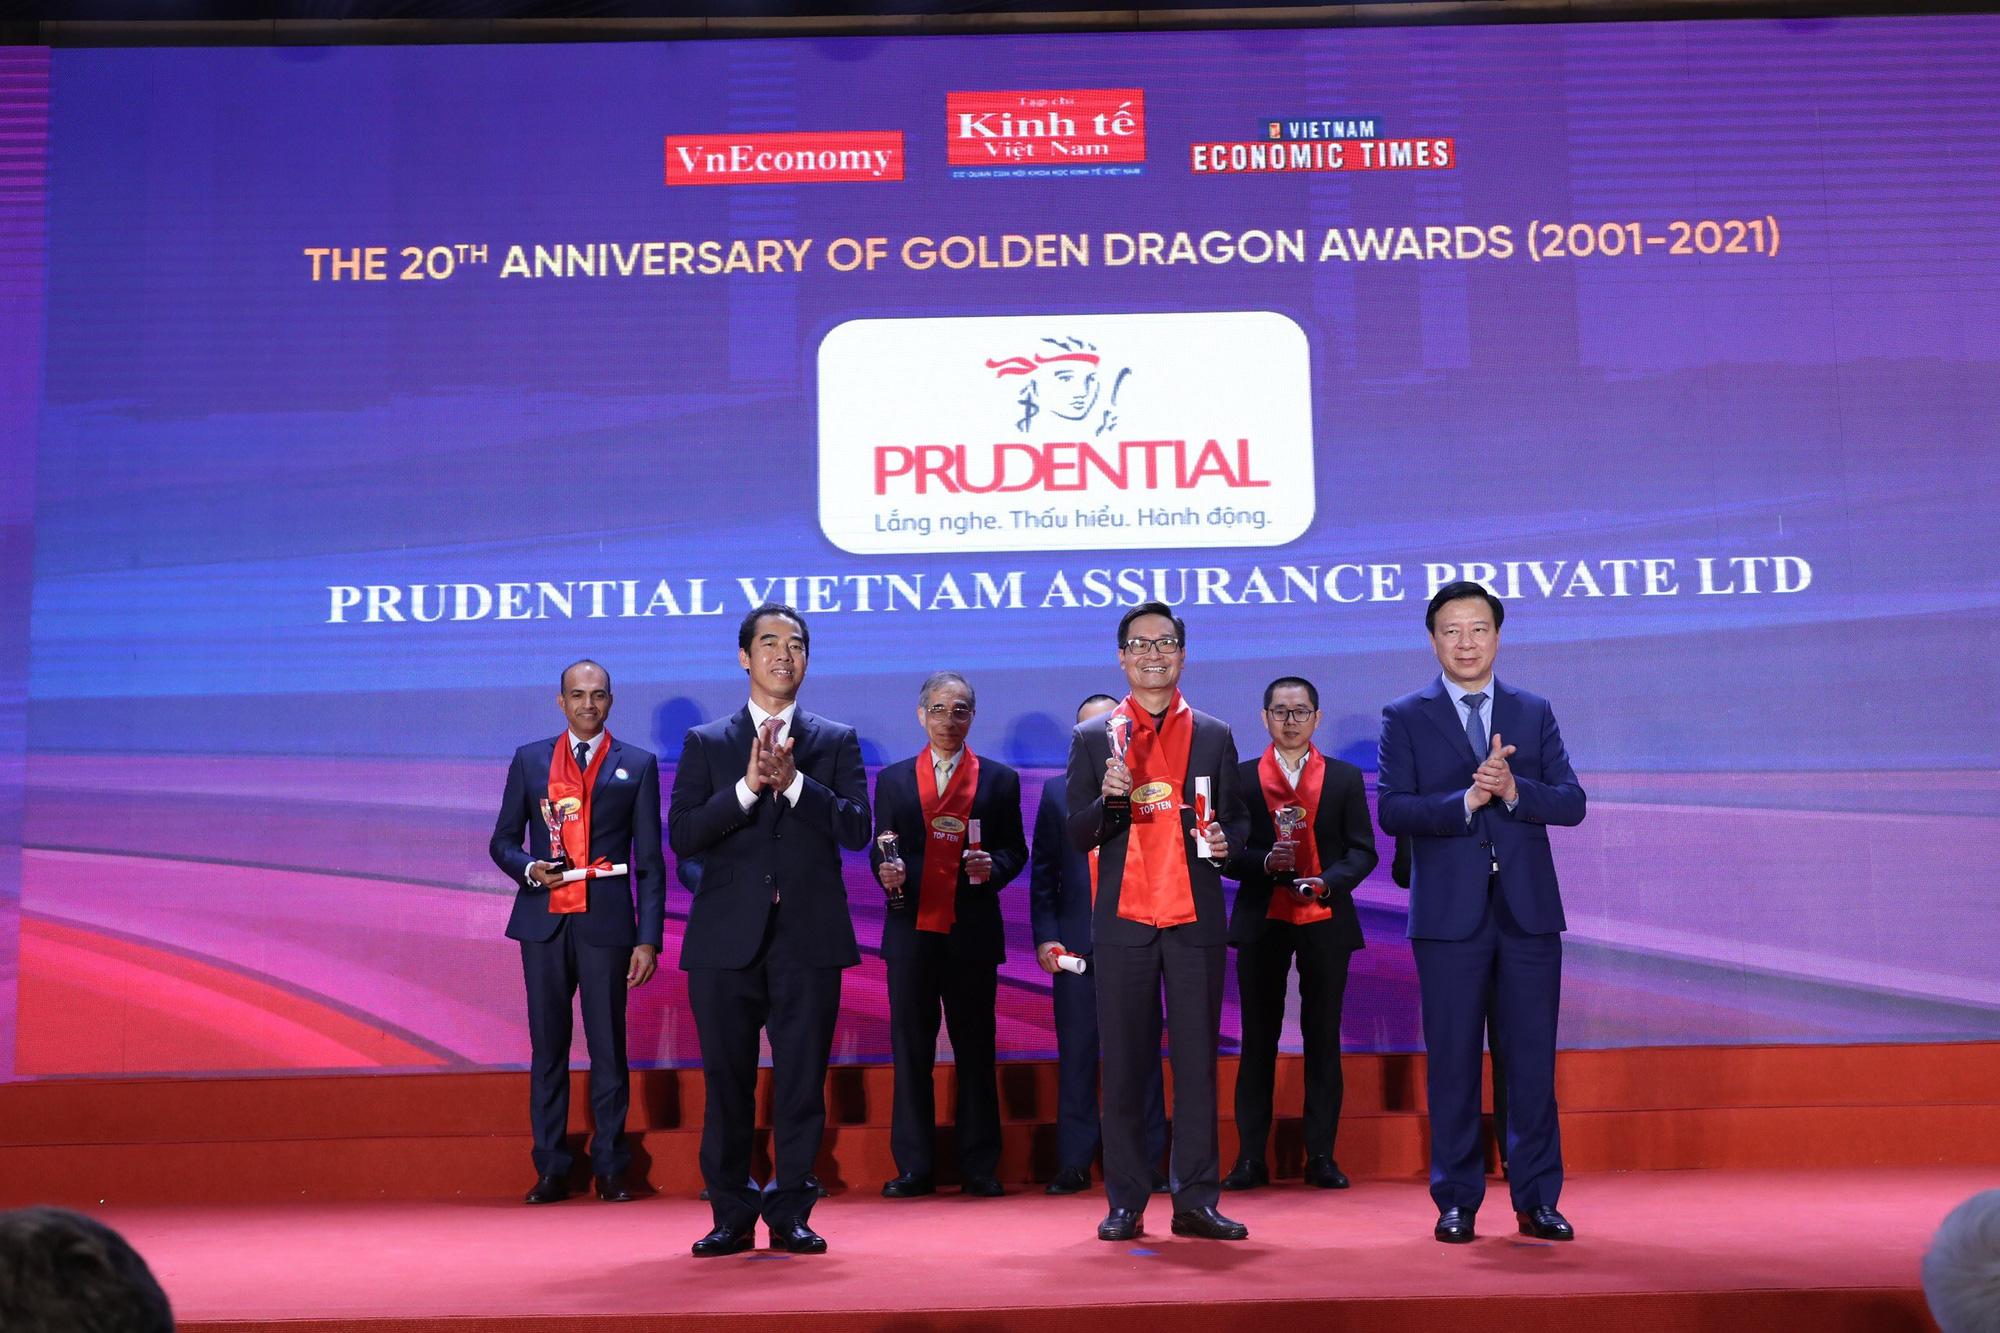 Prudential là công ty bảo hiểm duy nhất thuộc Top 10 doanh nghiệp FDI phát triển bền vững - Ảnh 1.